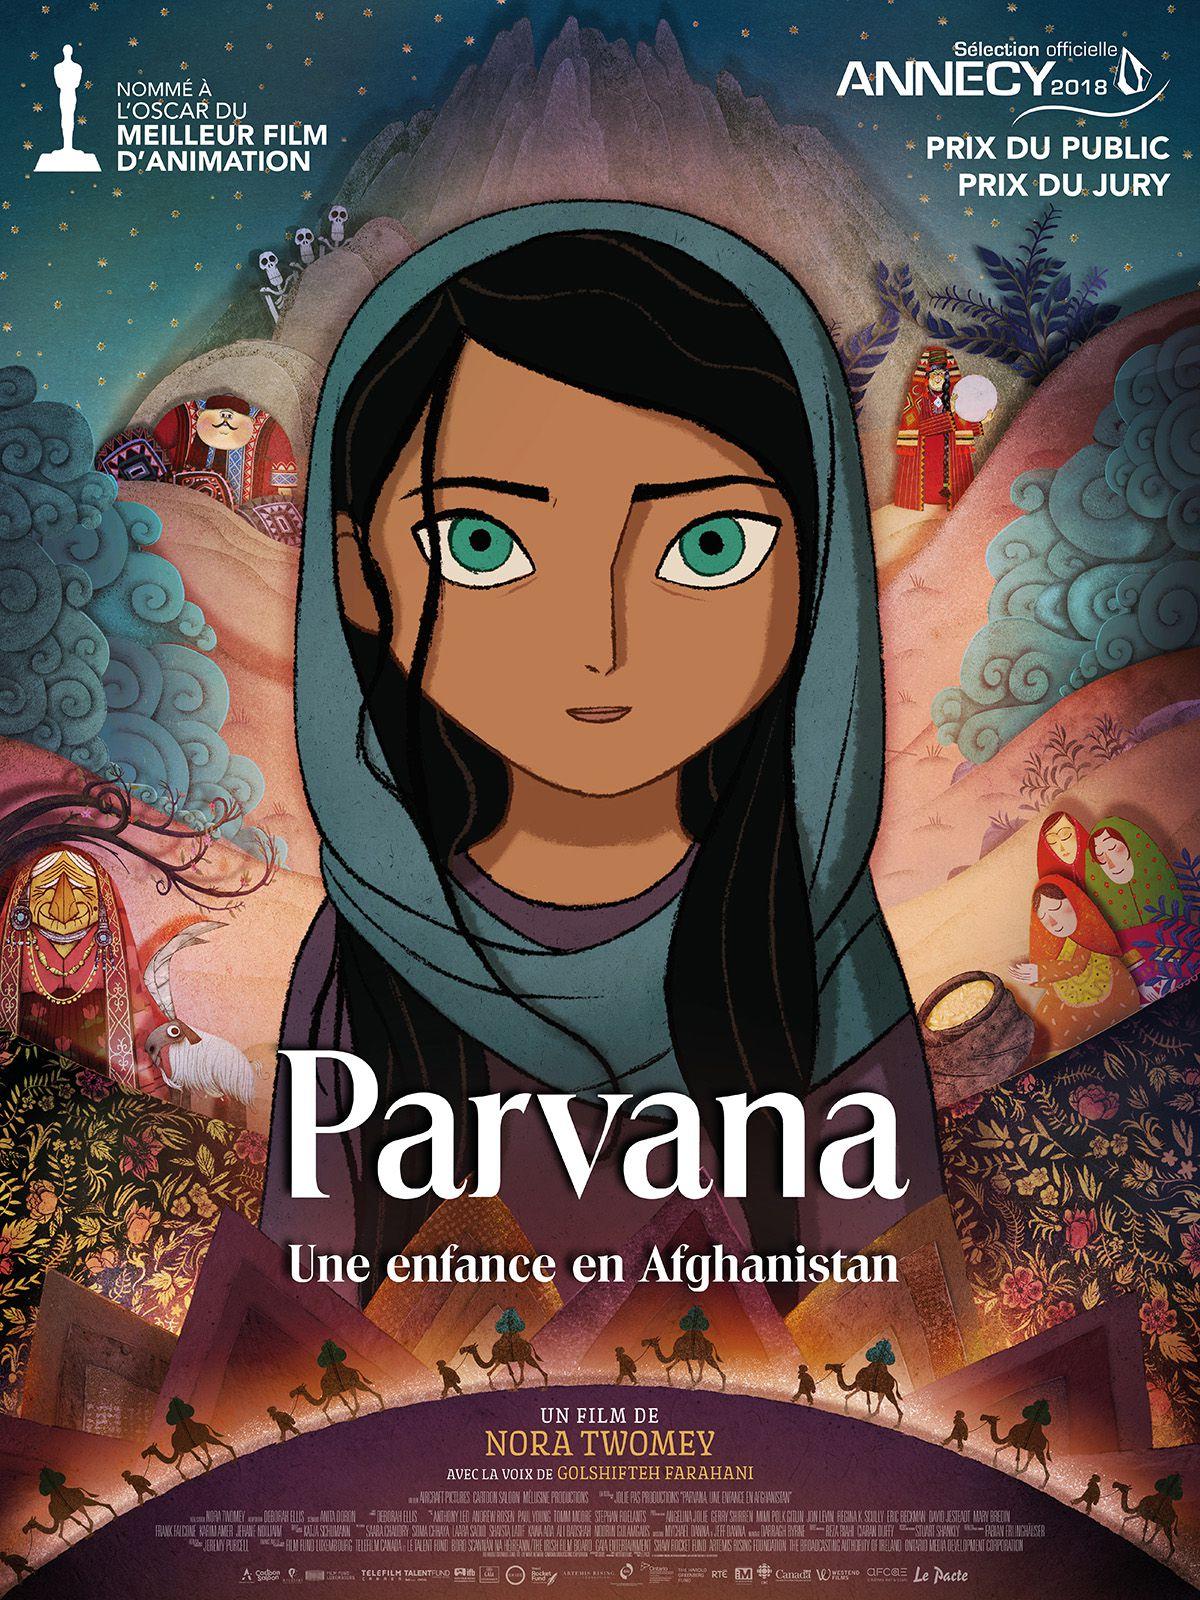 Parvana, une enfance en Afghanistan - Long-métrage d'animation (2018)